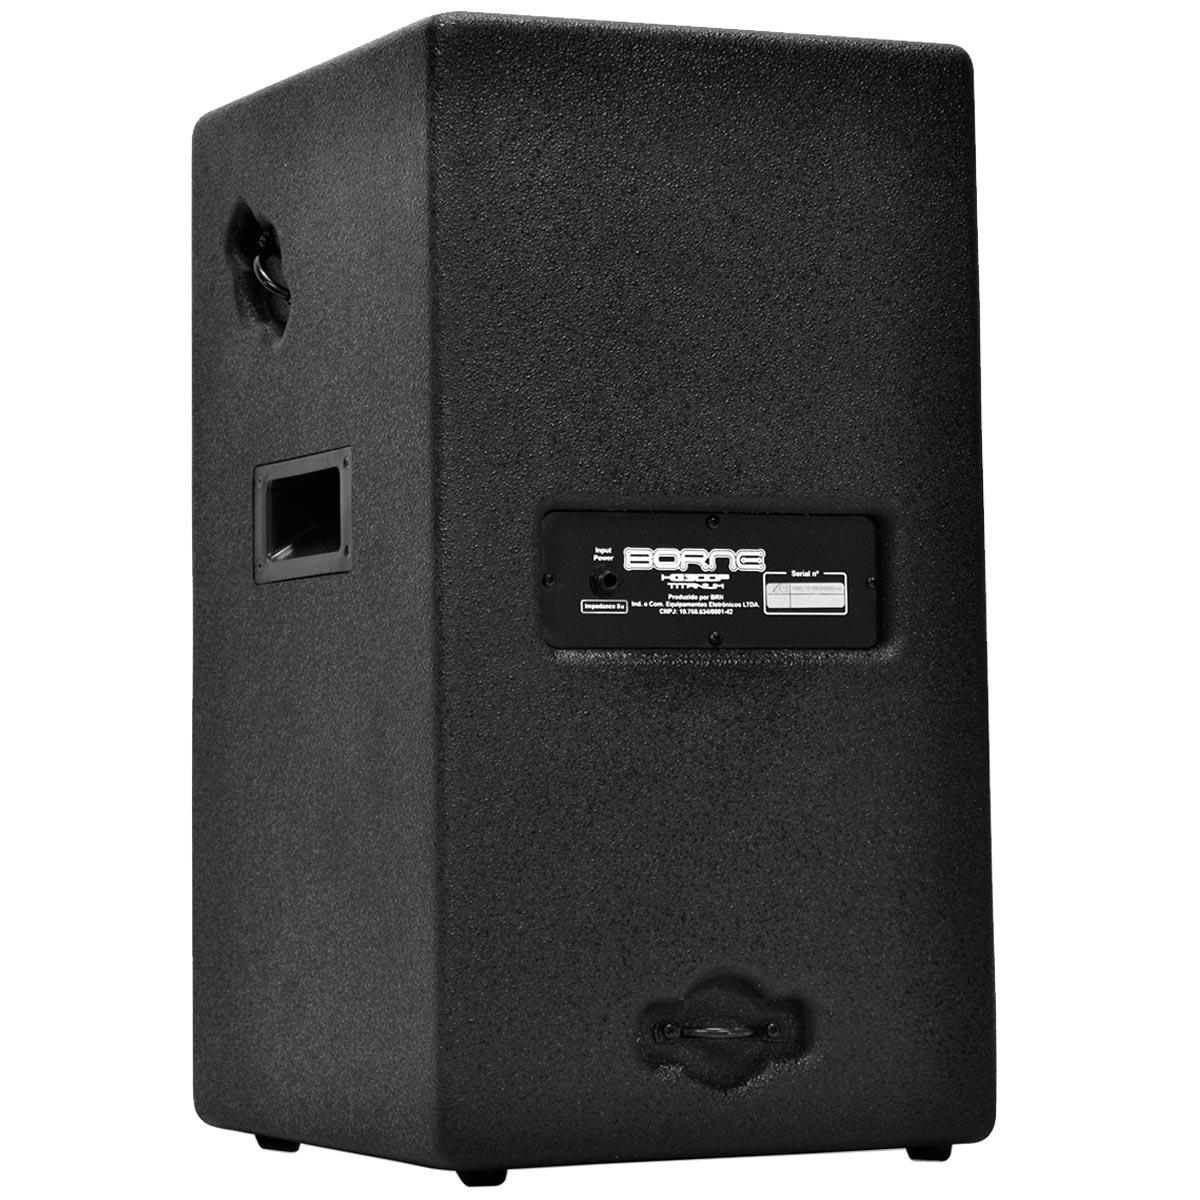 HG300P - Caixa Passiva 200W HG 300P Titanium - Borne